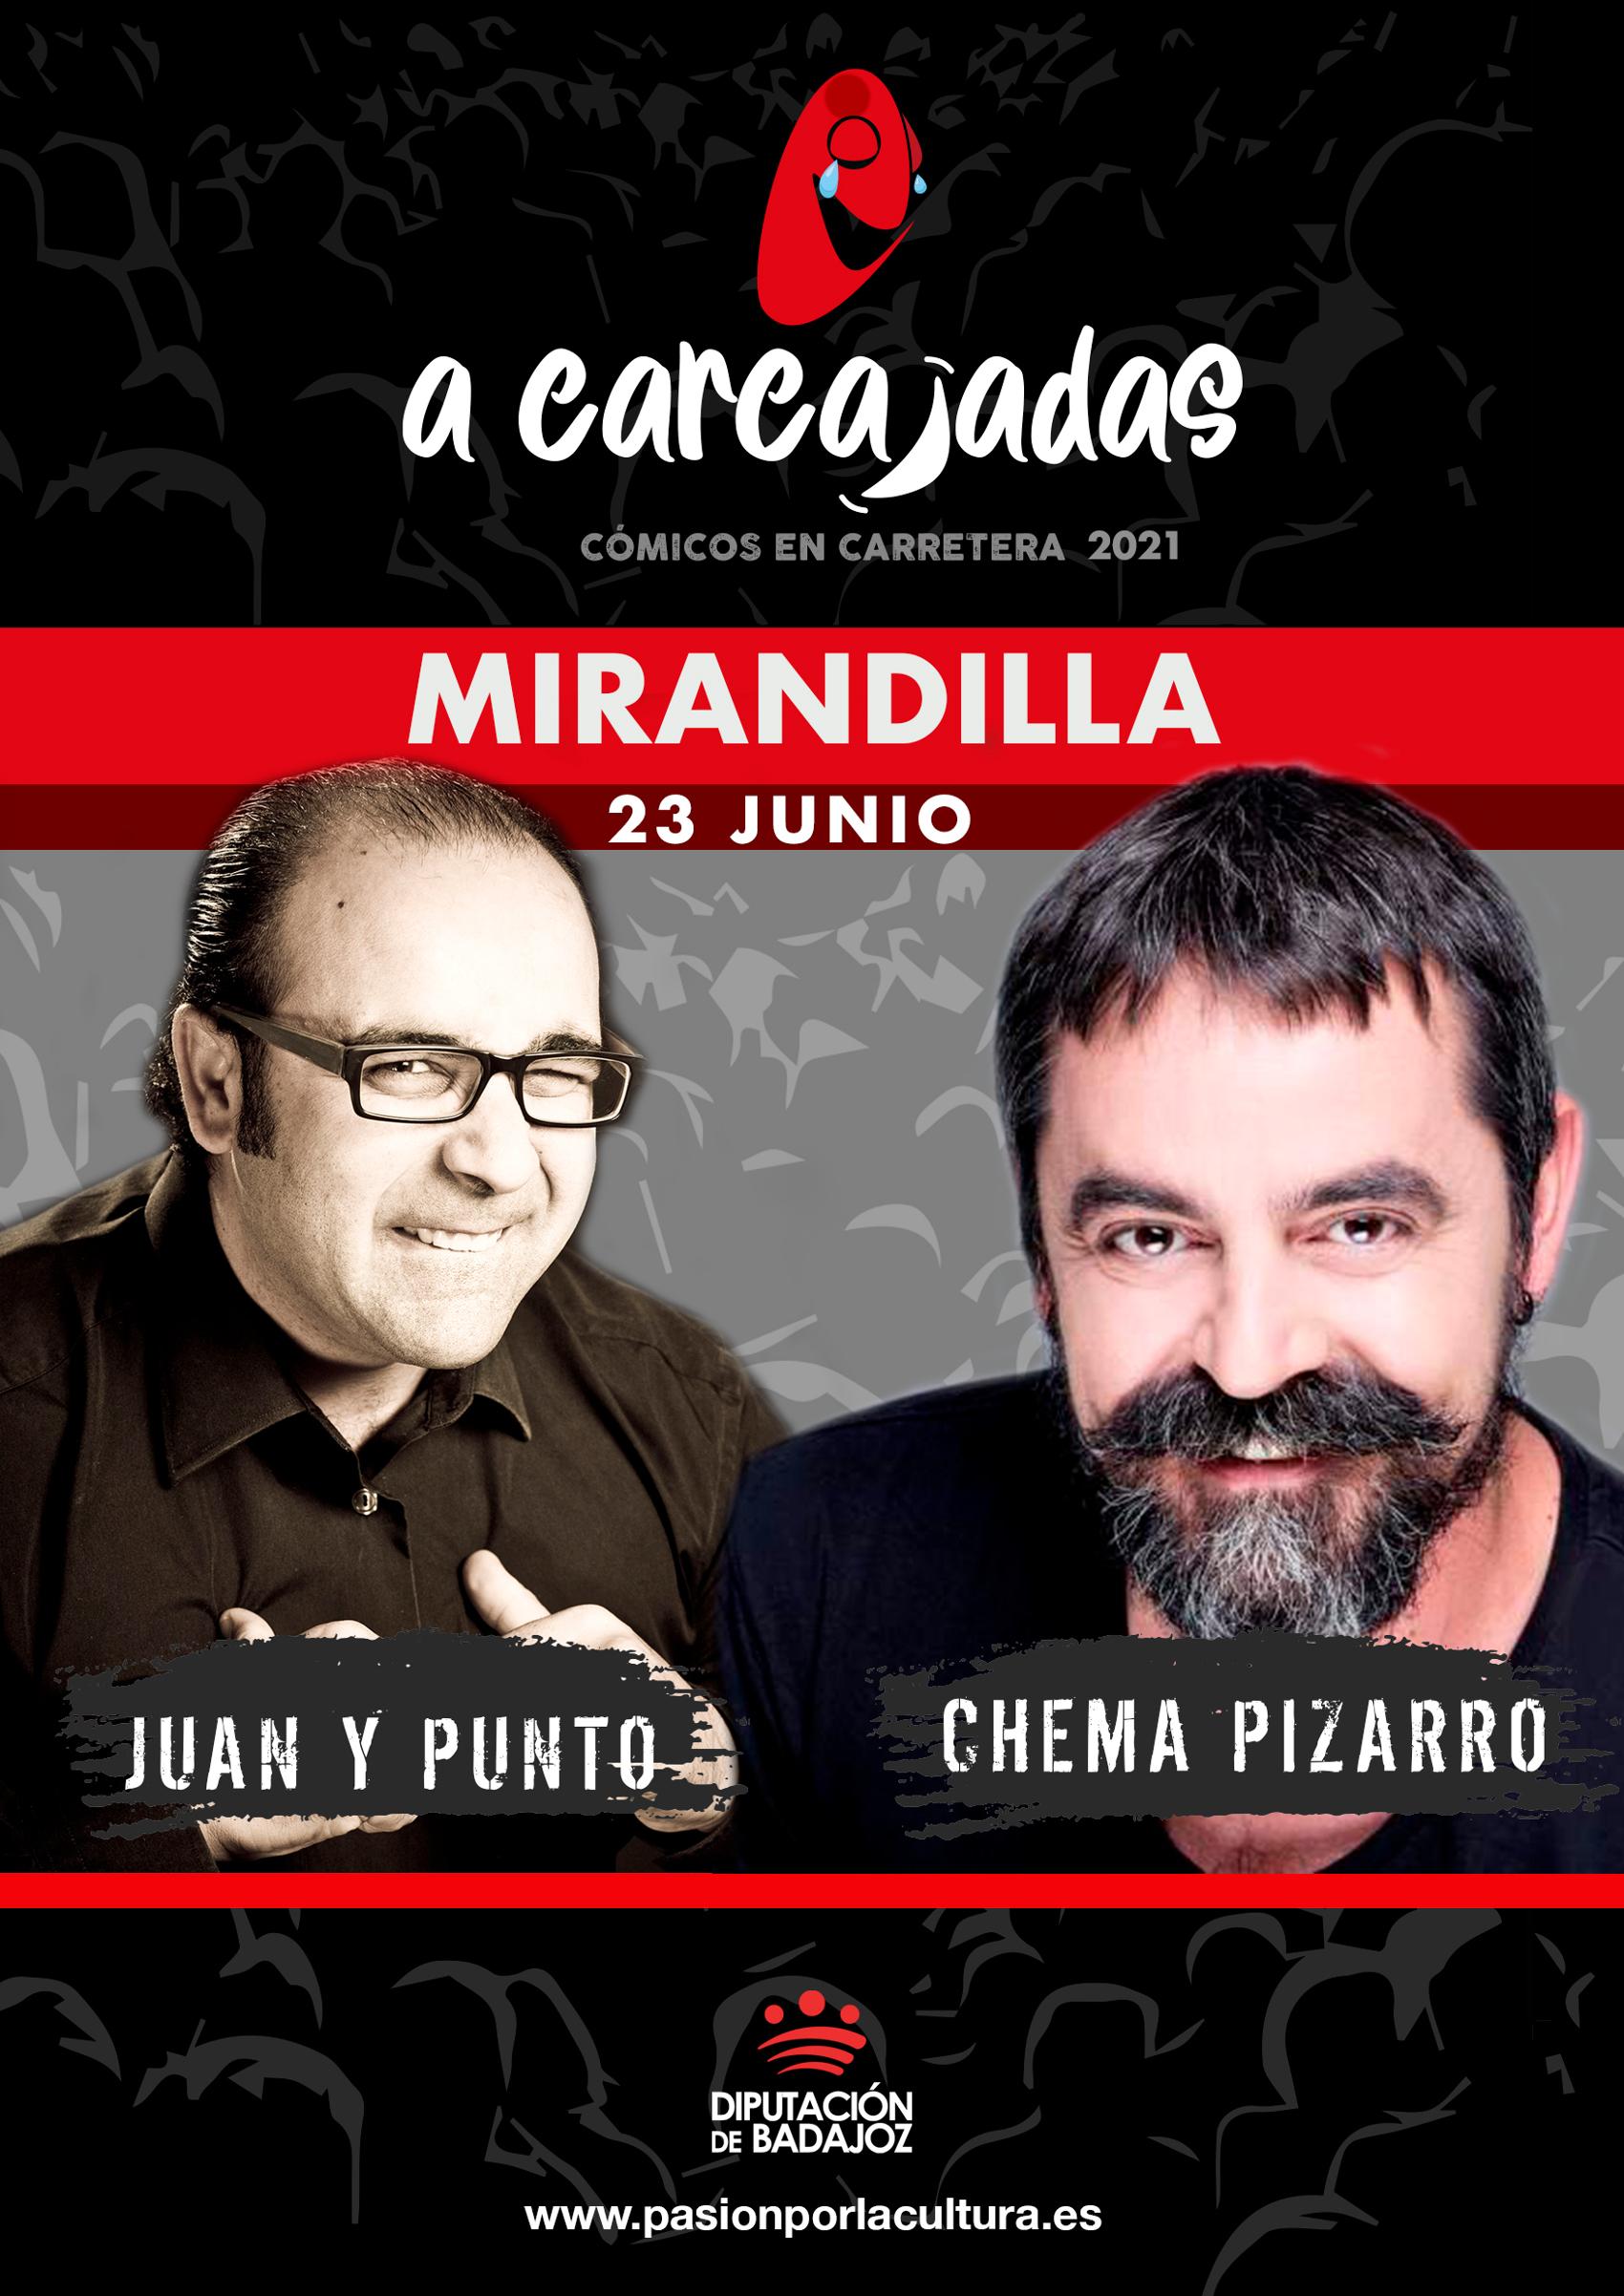 Imagen del Evento Juan y Punto & Chema Pizarro